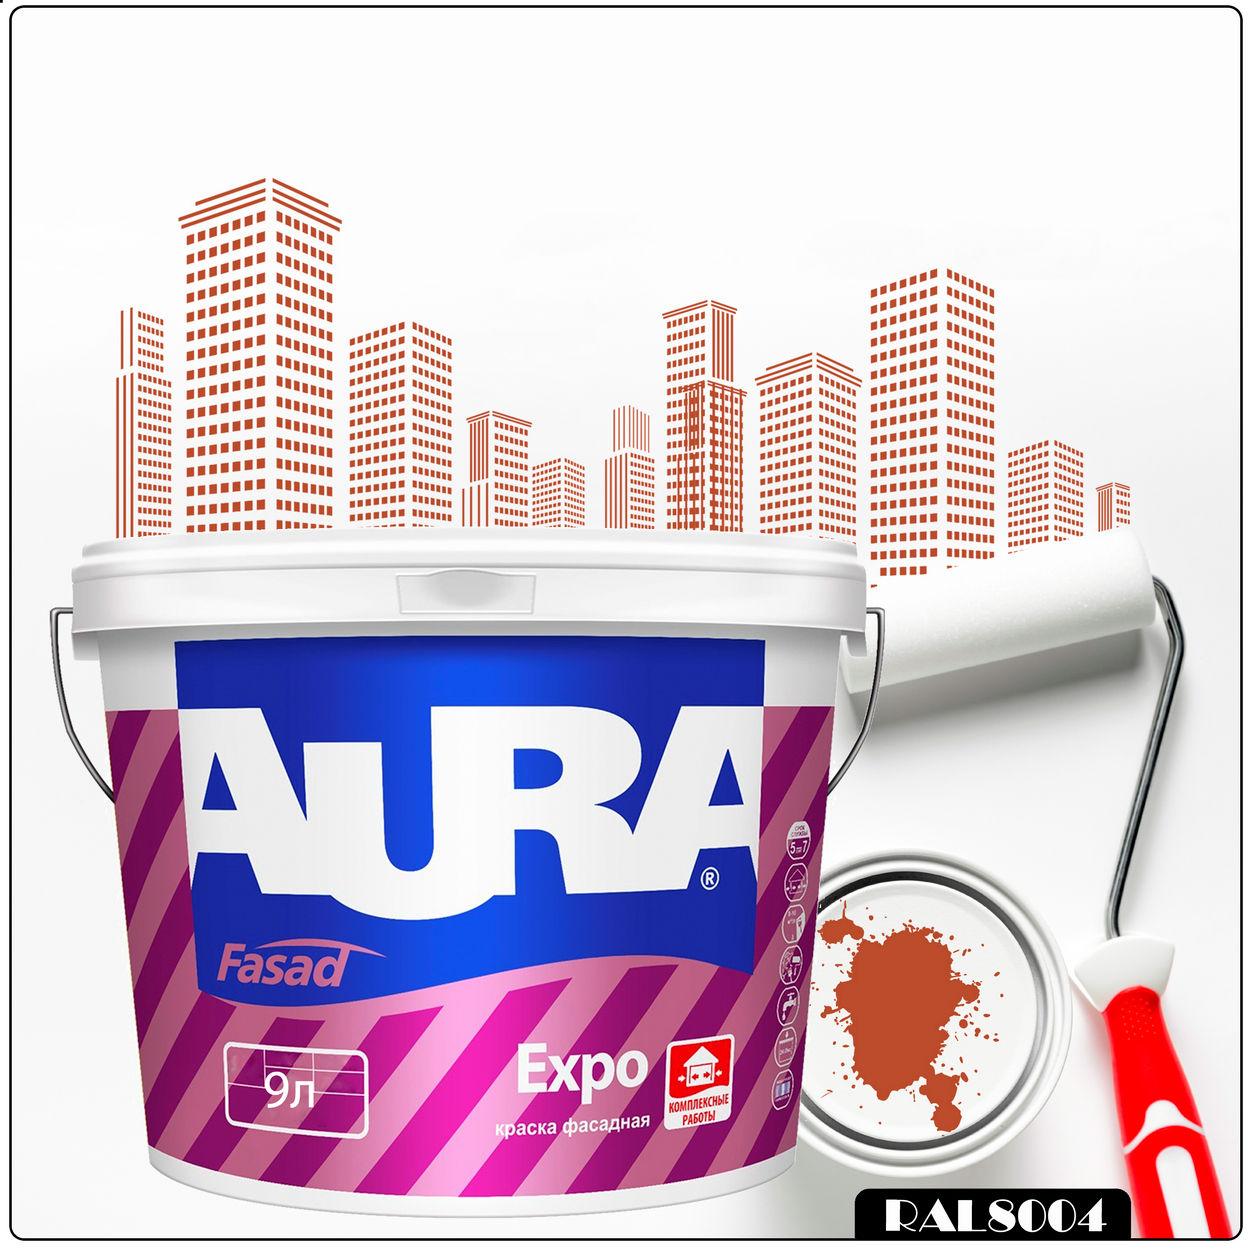 Фото 1 - Краска Aura Fasad Expo, RAL 8004 Медно-коричневый, матовая, для фасадов и помещений с повышенной влажностью, 9л.